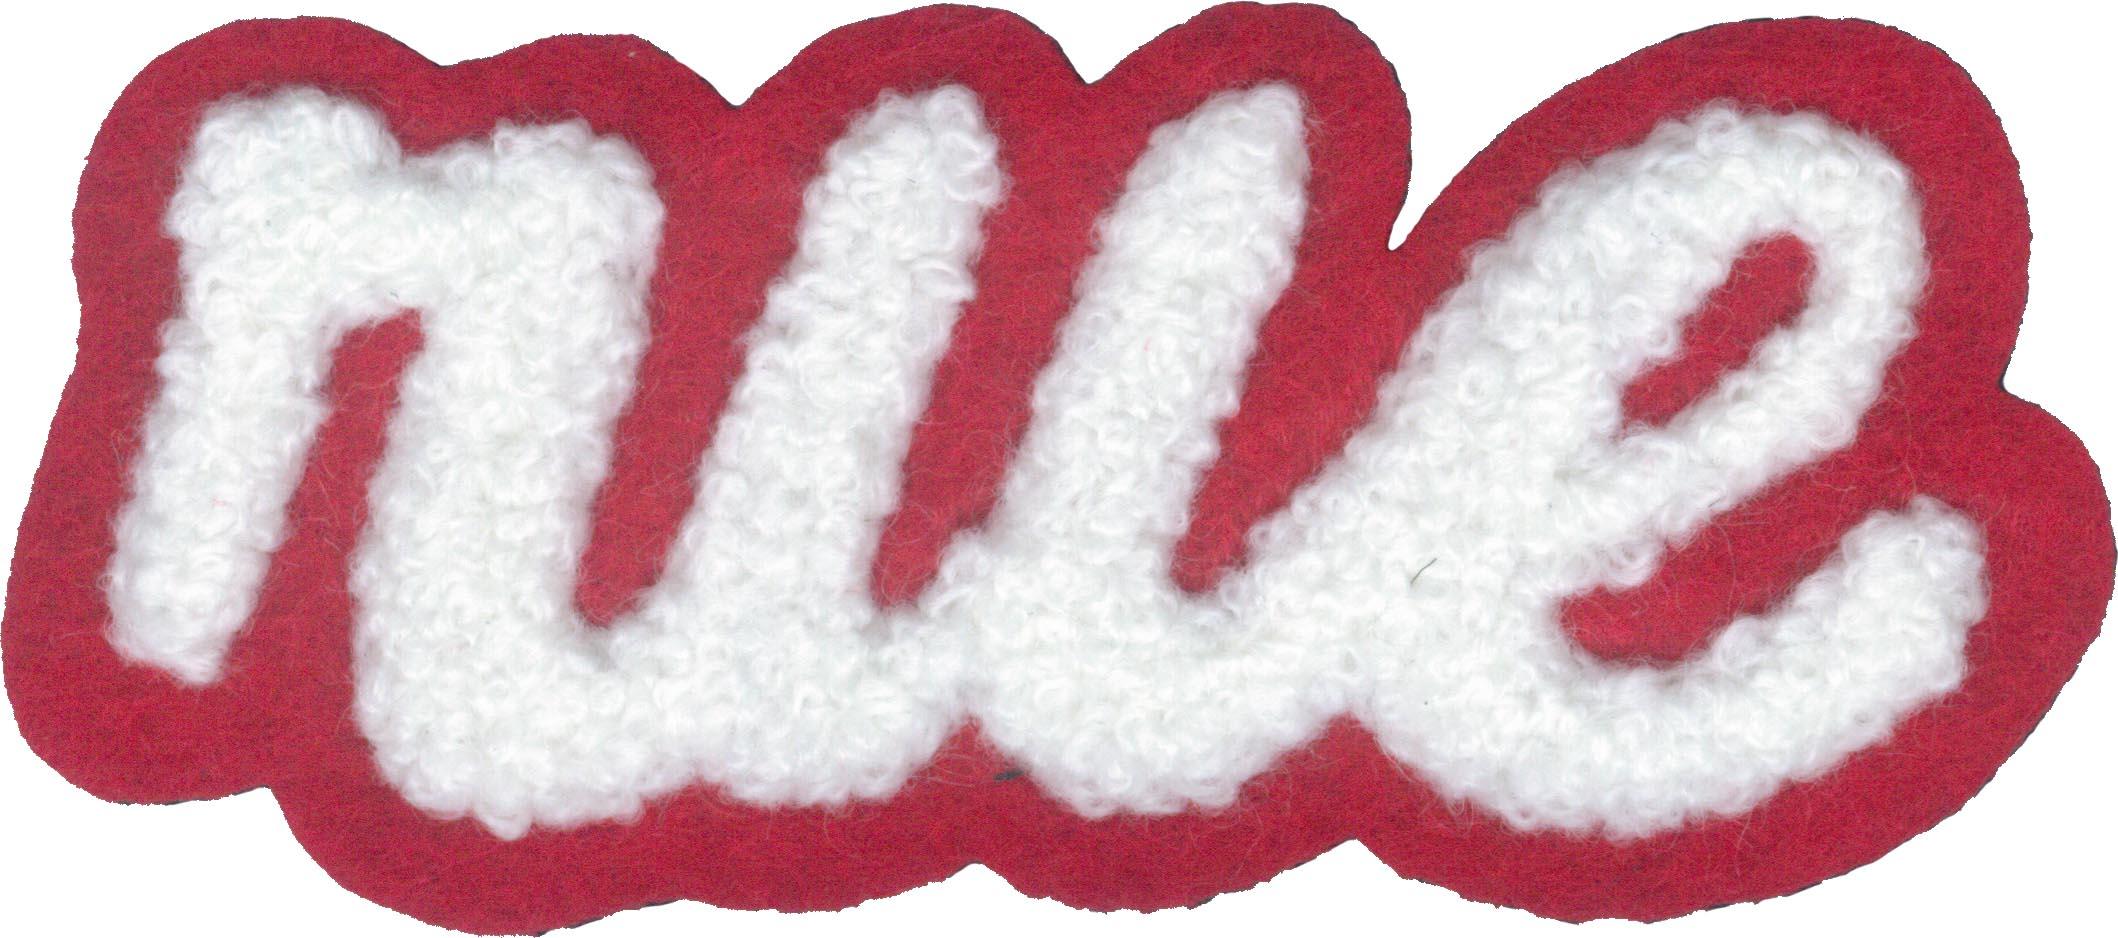 EK 35 Red